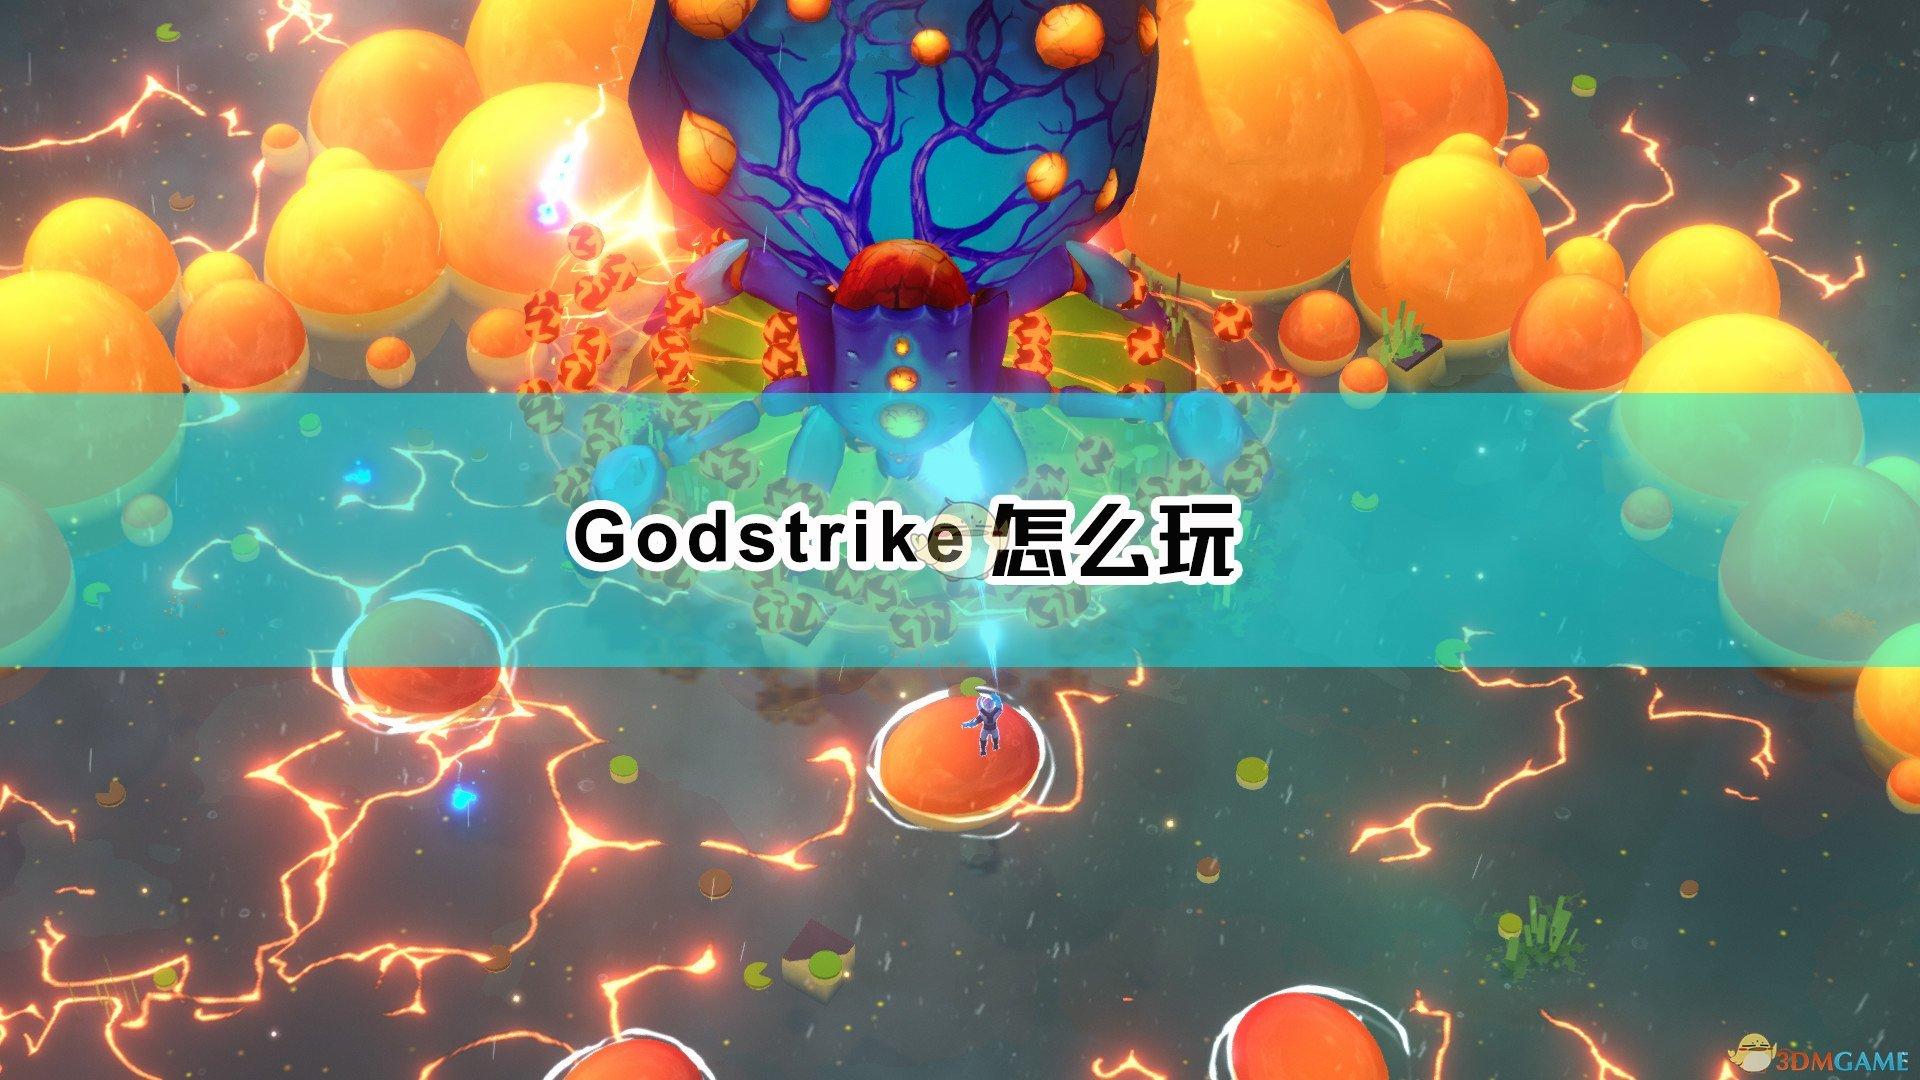 《Godstrike》基本玩法介绍